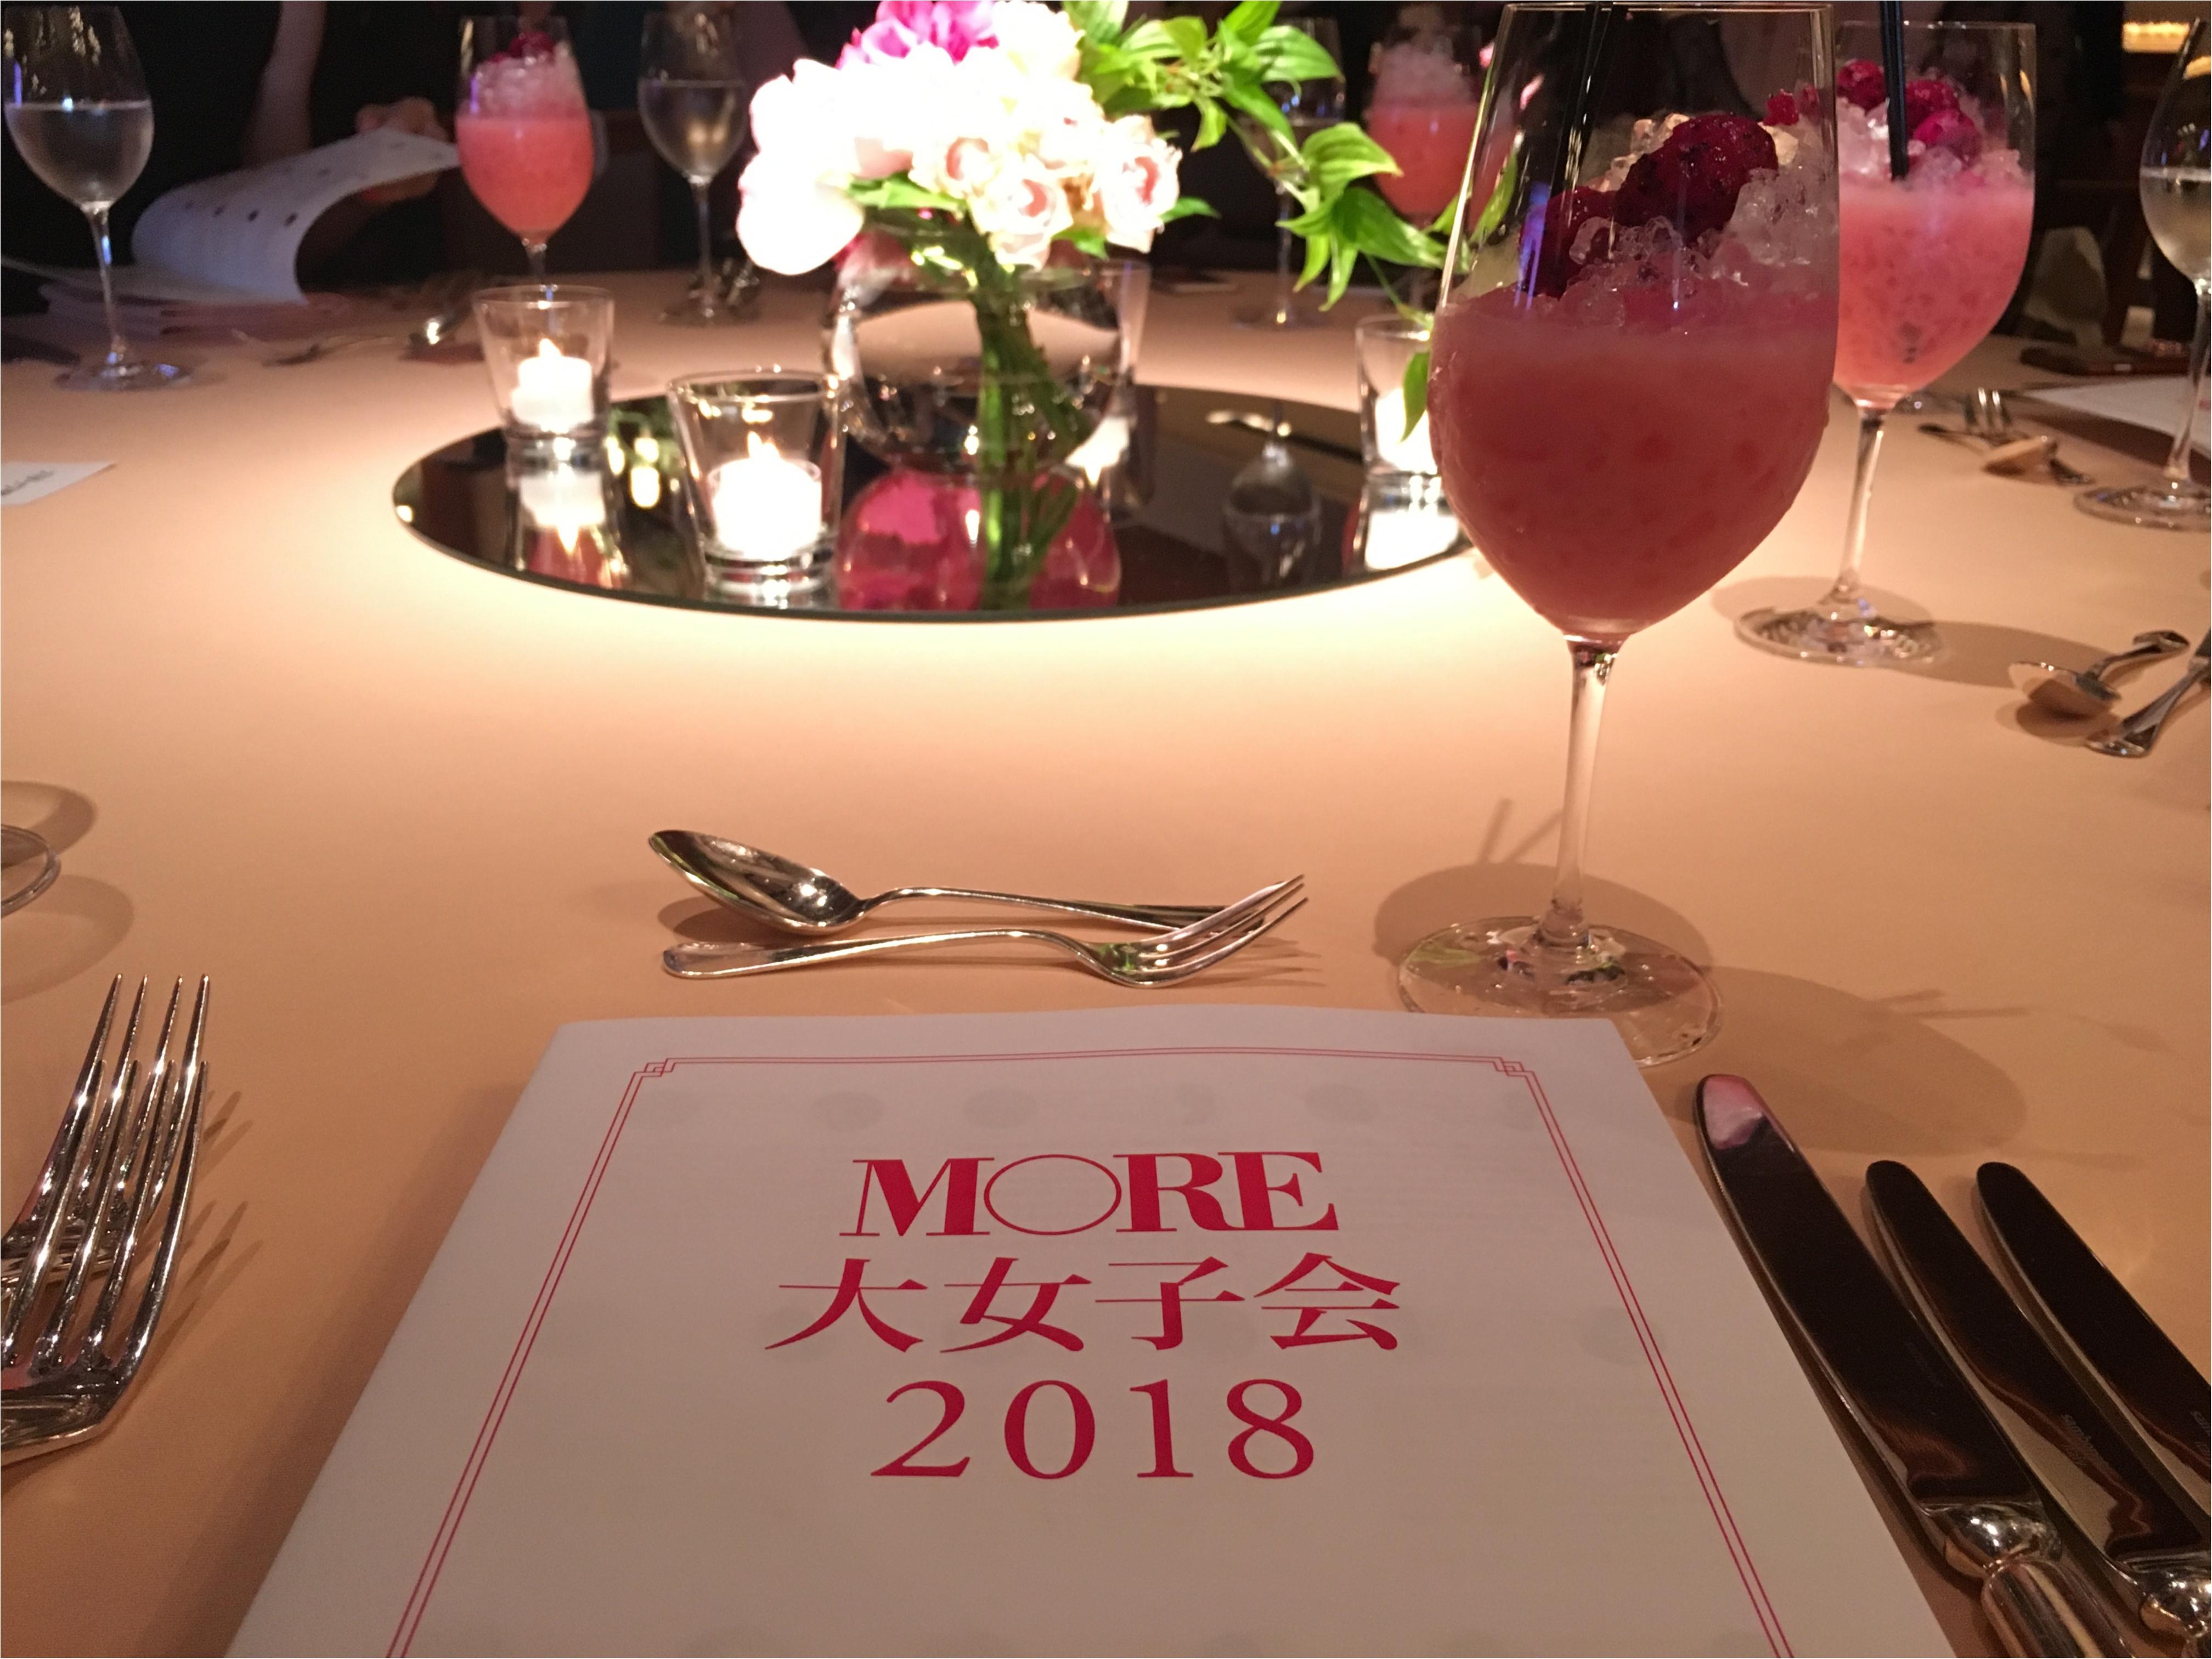 【MORE 大女子会2018】豪華な女子会をレポートします!_1